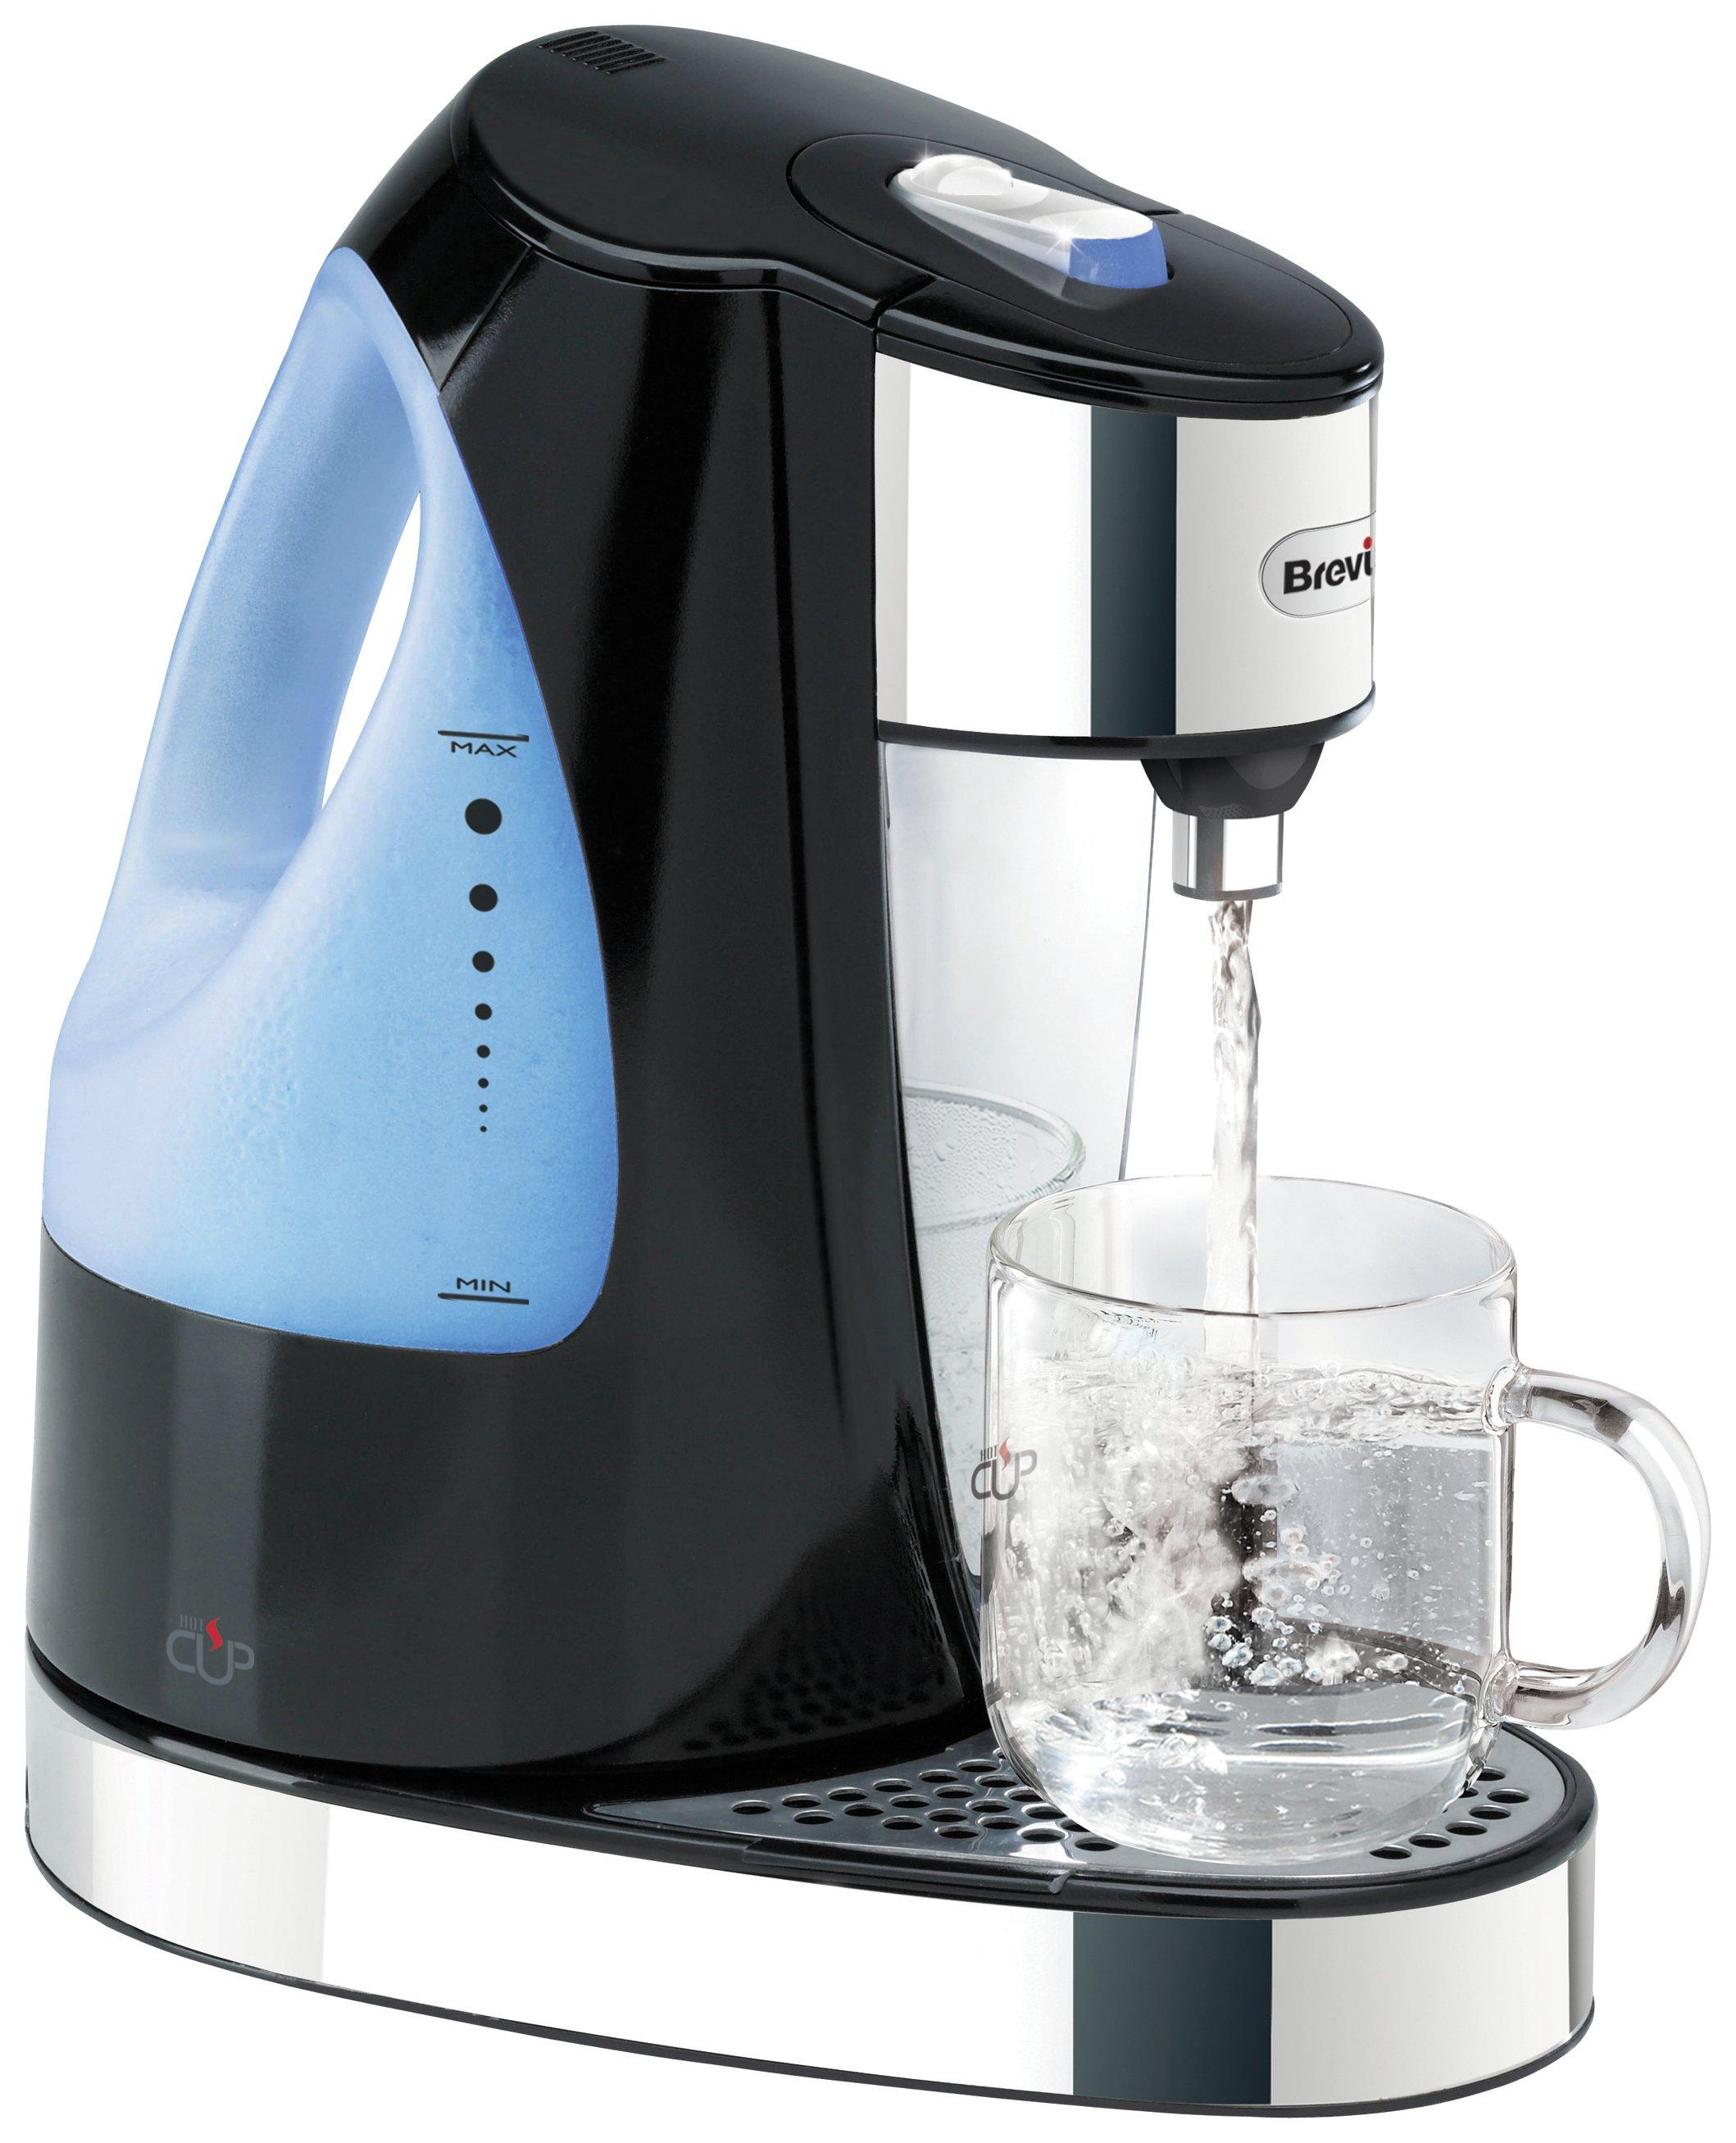 Breville - VKJ142 Hot Cup Water - Dispenser - Black